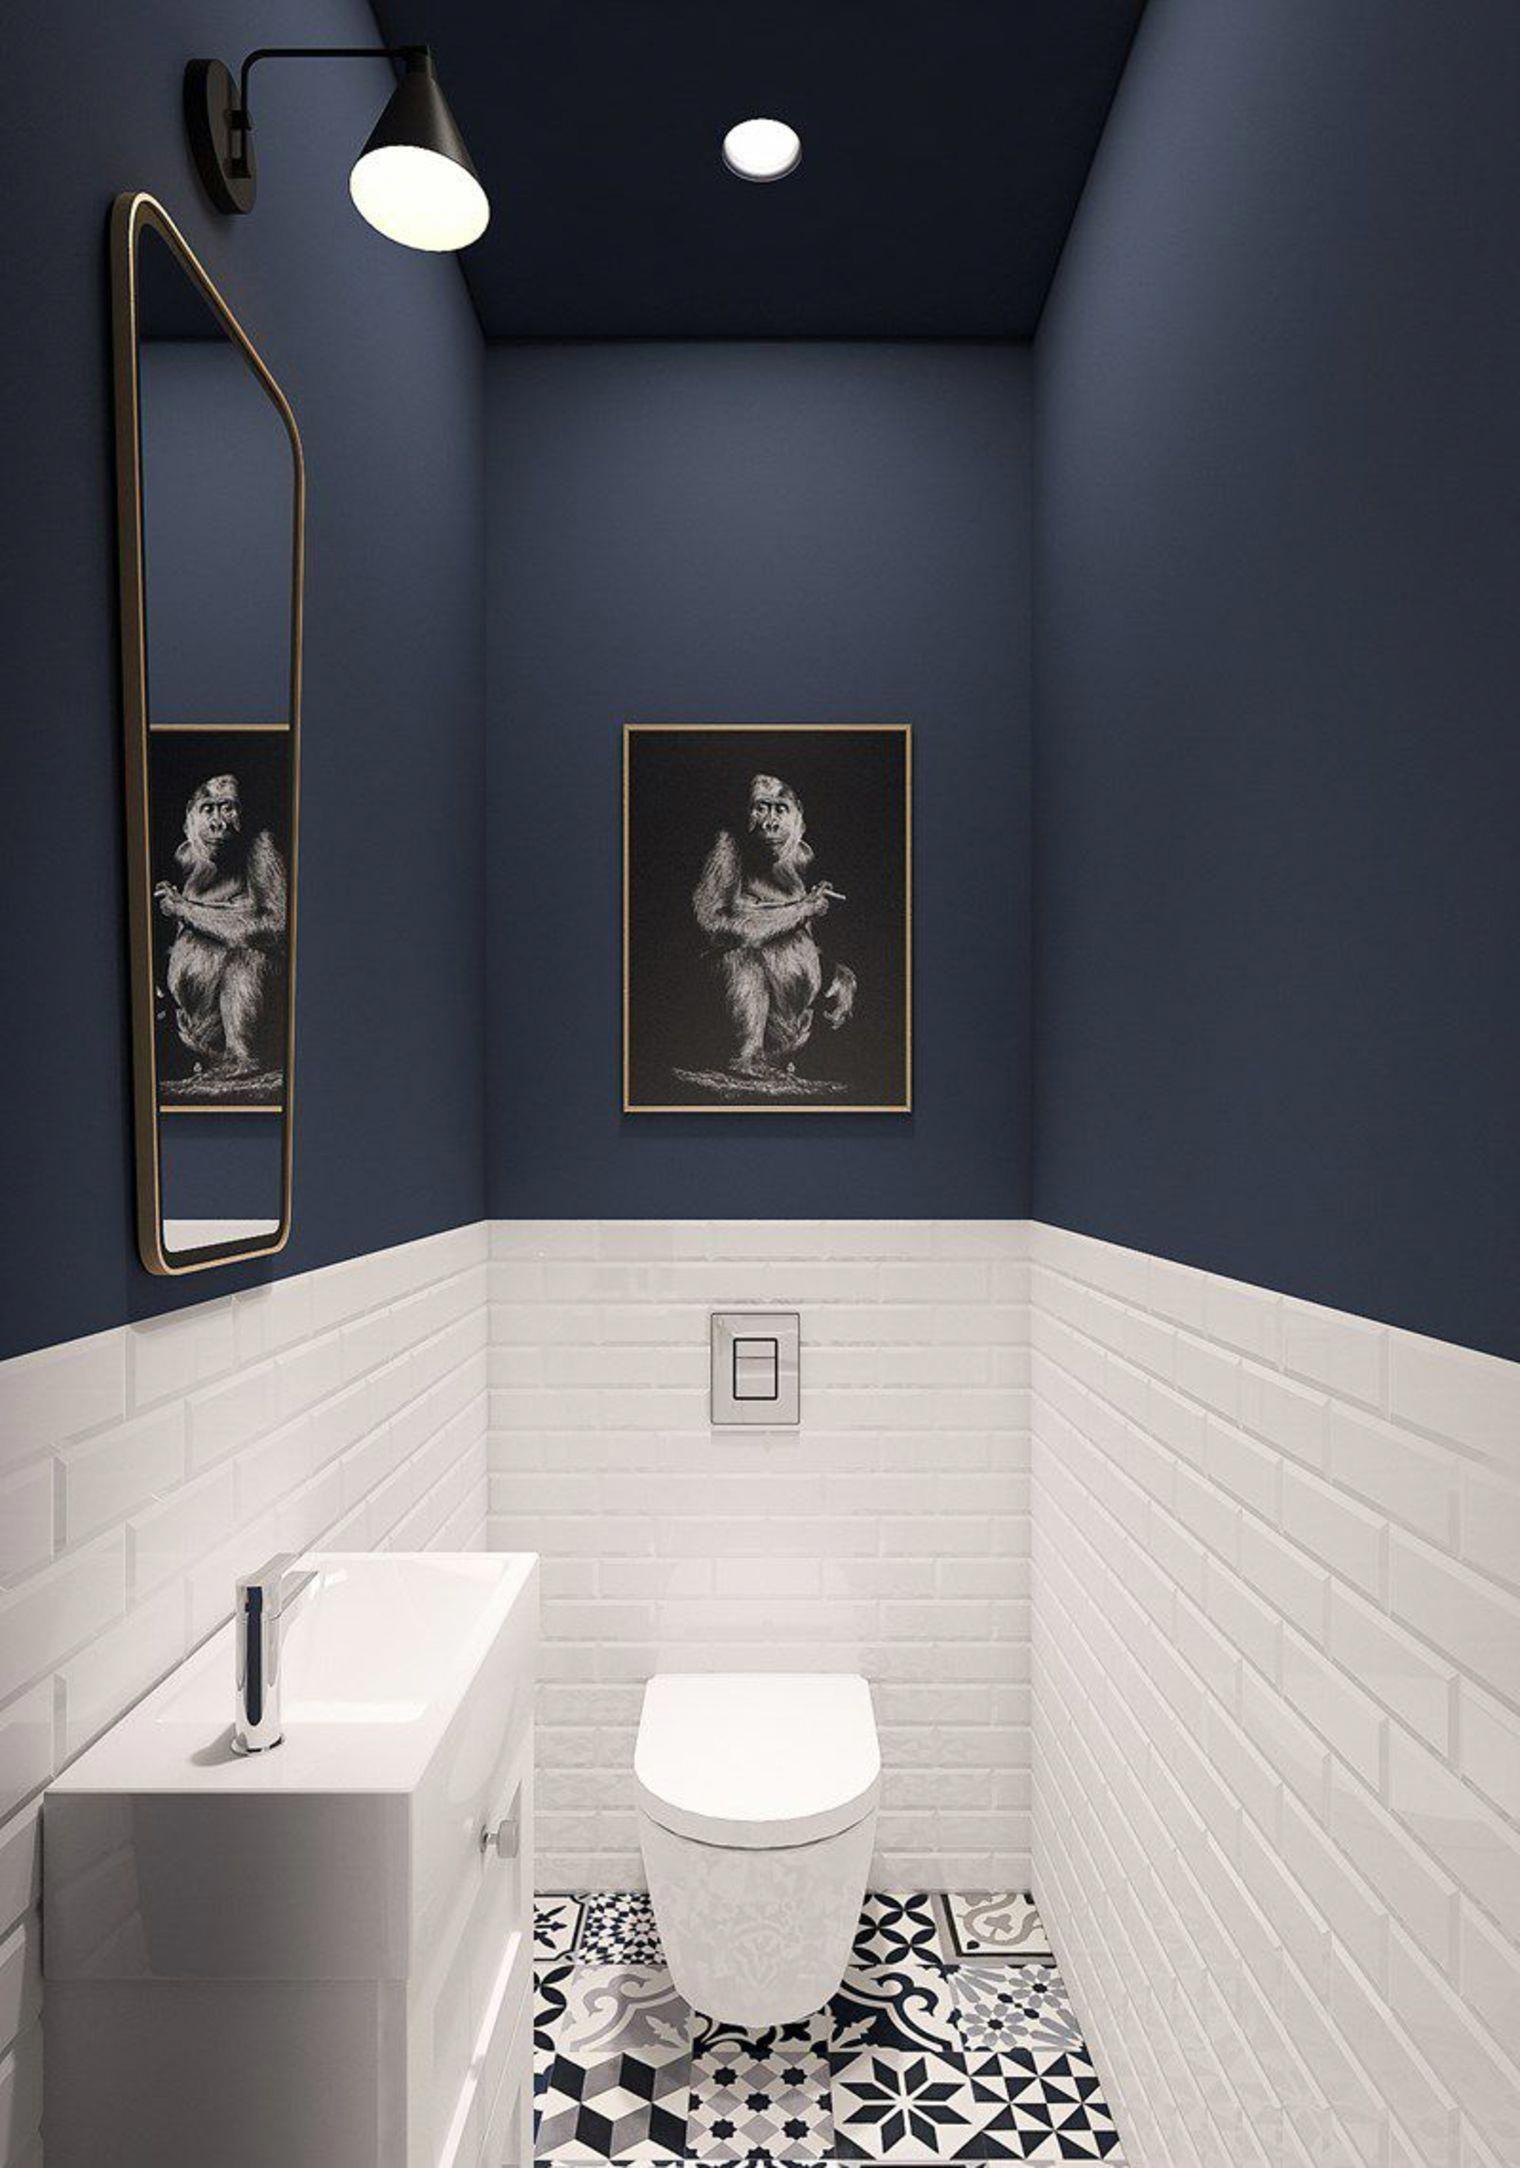 Peinture 10 Facons De Faire Du Plafond Le 5e Mur De La Maison Homeimprovementfrance Deco Toilettes Idee Deco Toilettes Deco Toilettes Originales